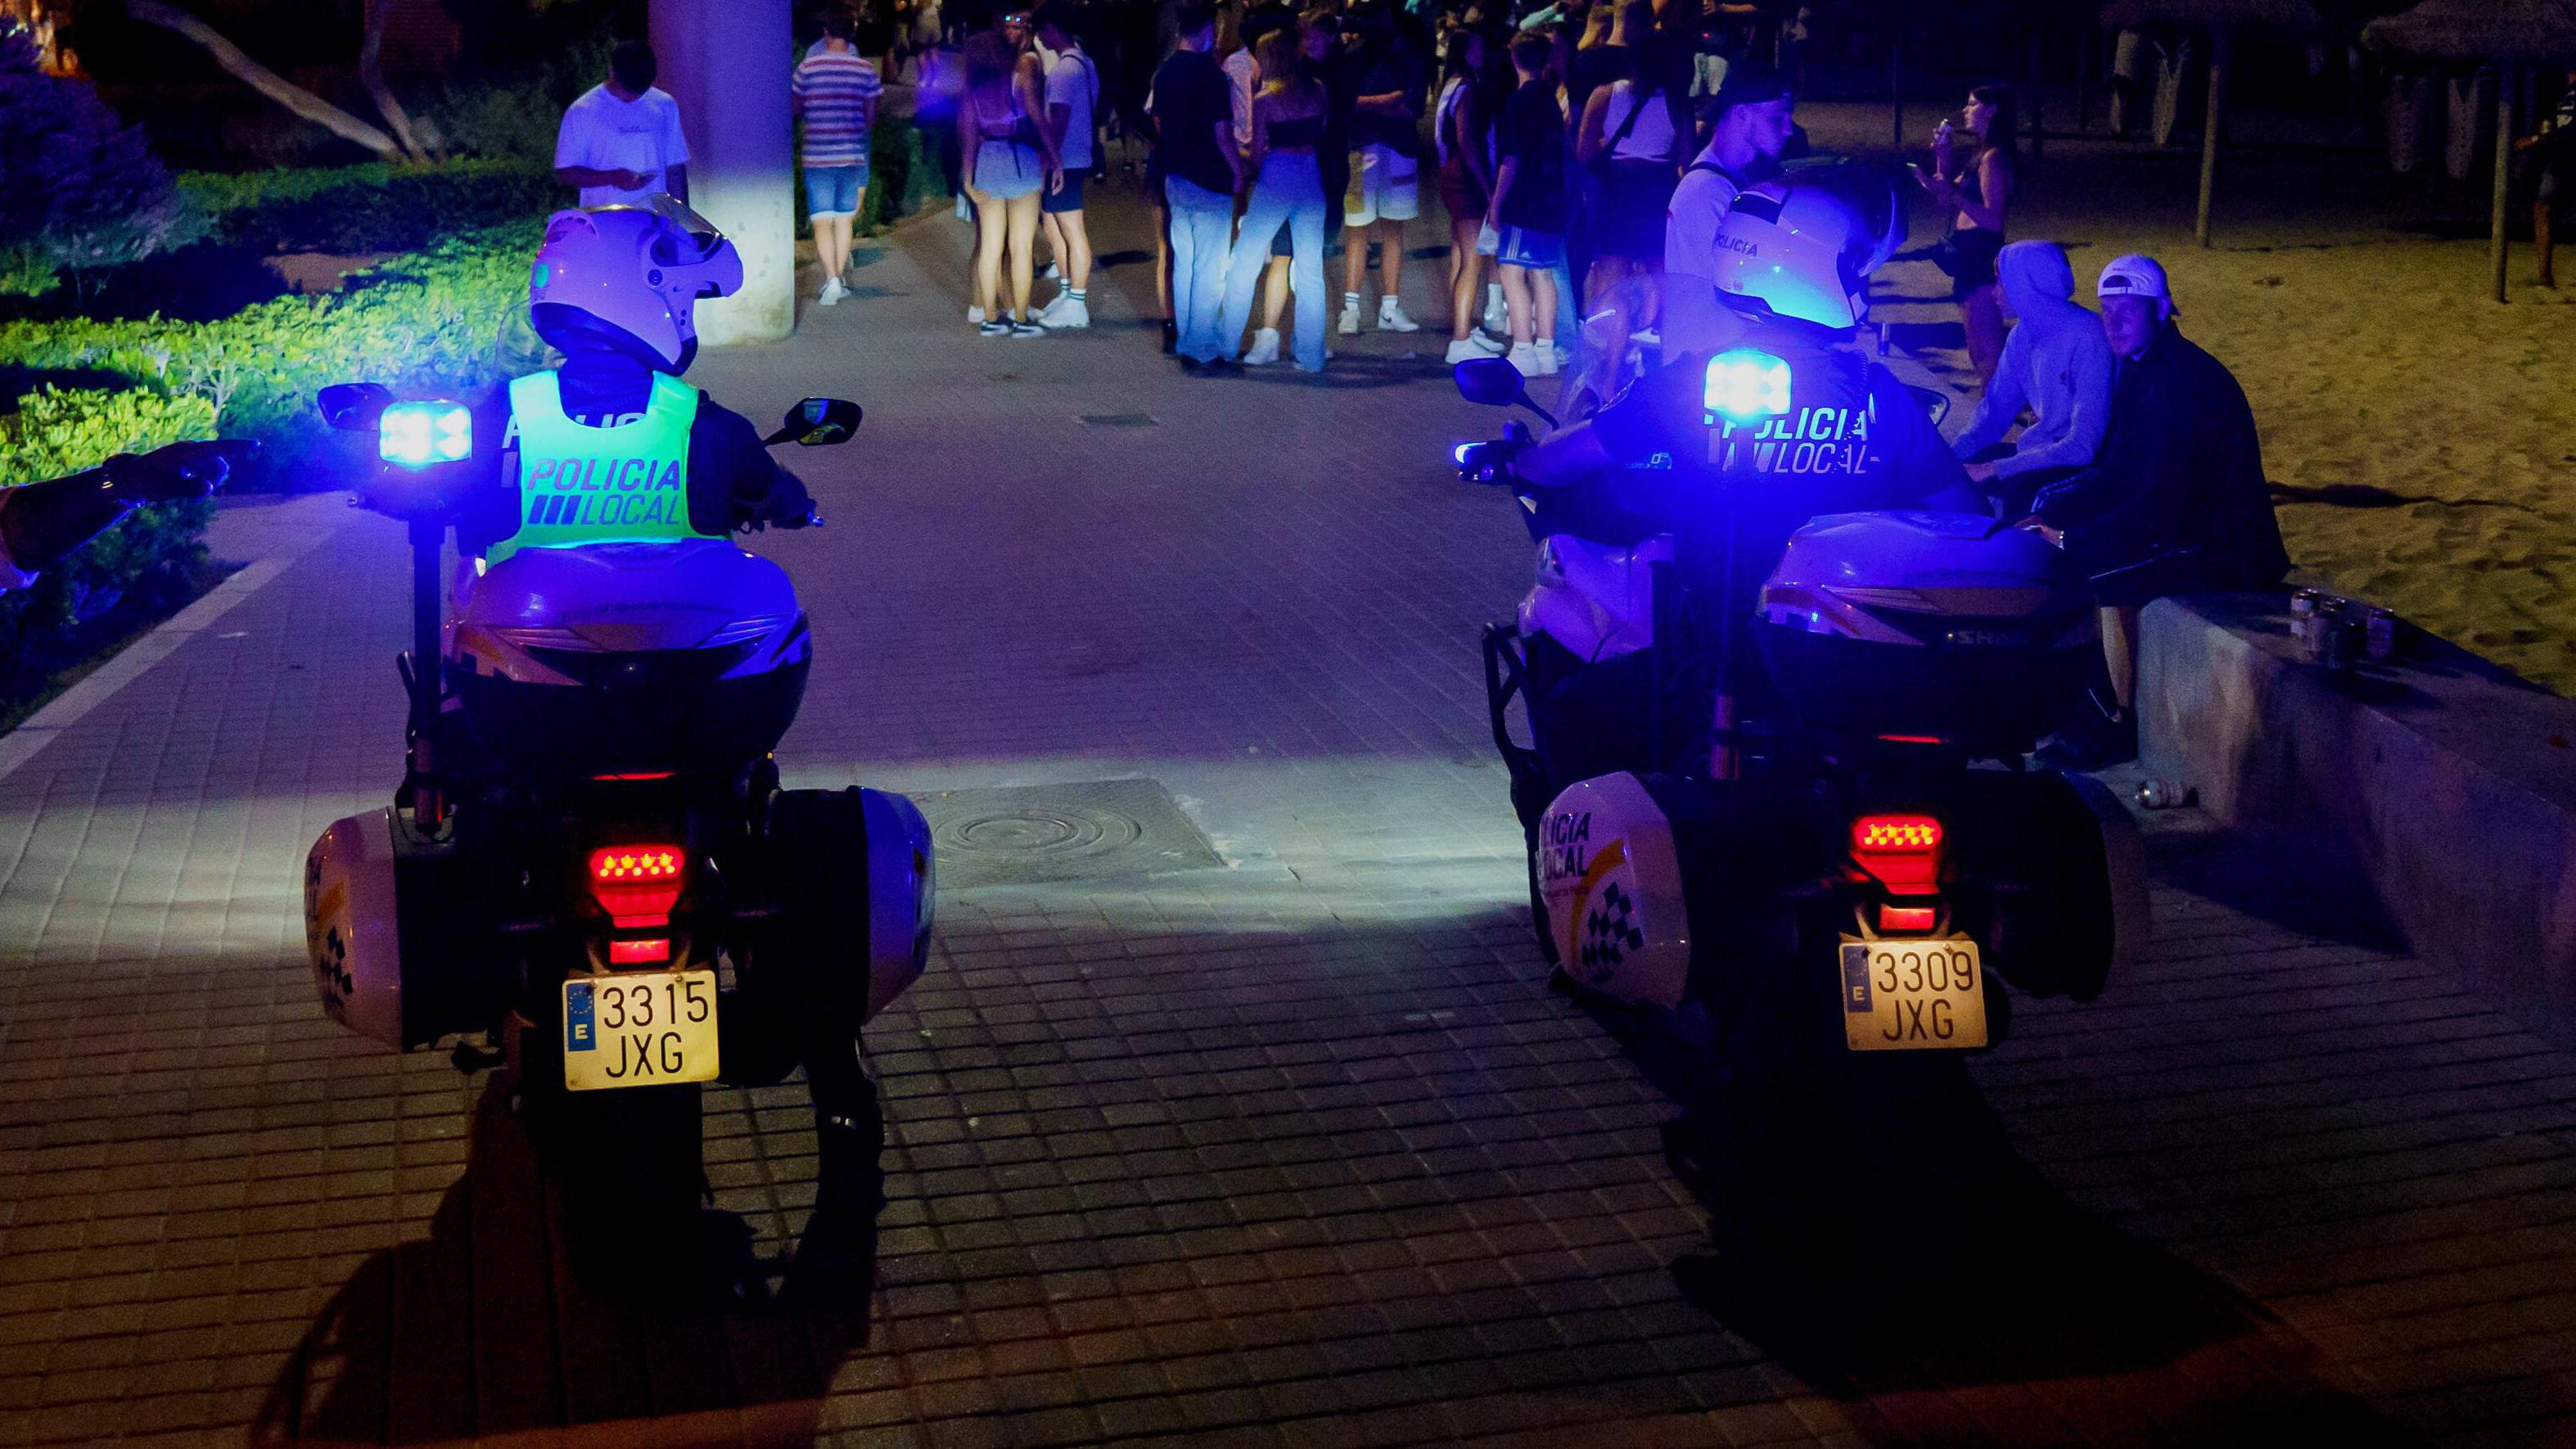 Gezochte getuige van fatale mishandeling Mallorca meldt zich